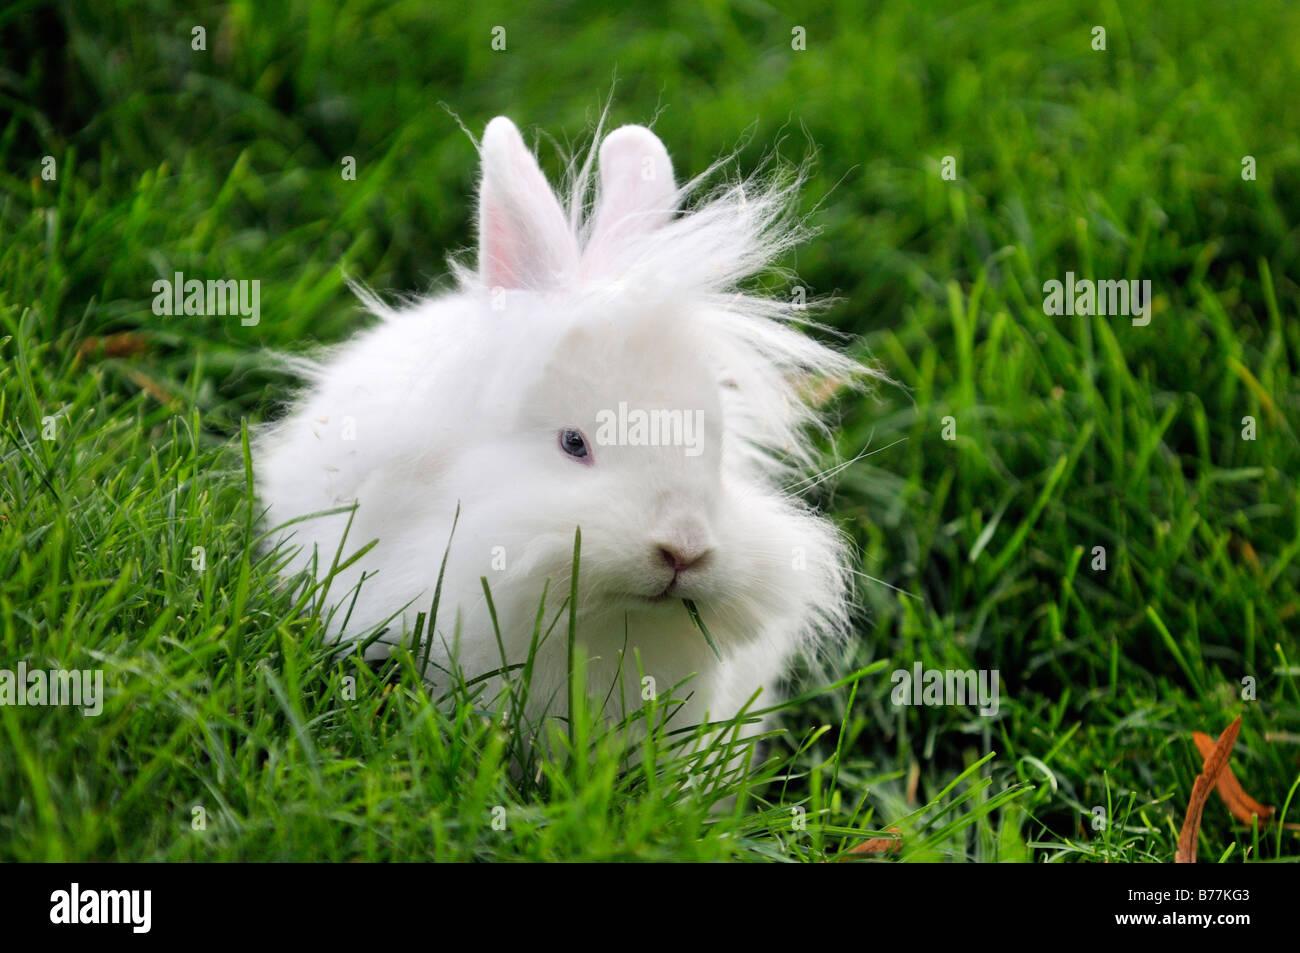 White rabbit (Leporidae), in a fresh green field, Tierpark Schoenbrunn, Vienna, Austria, Europe - Stock Image